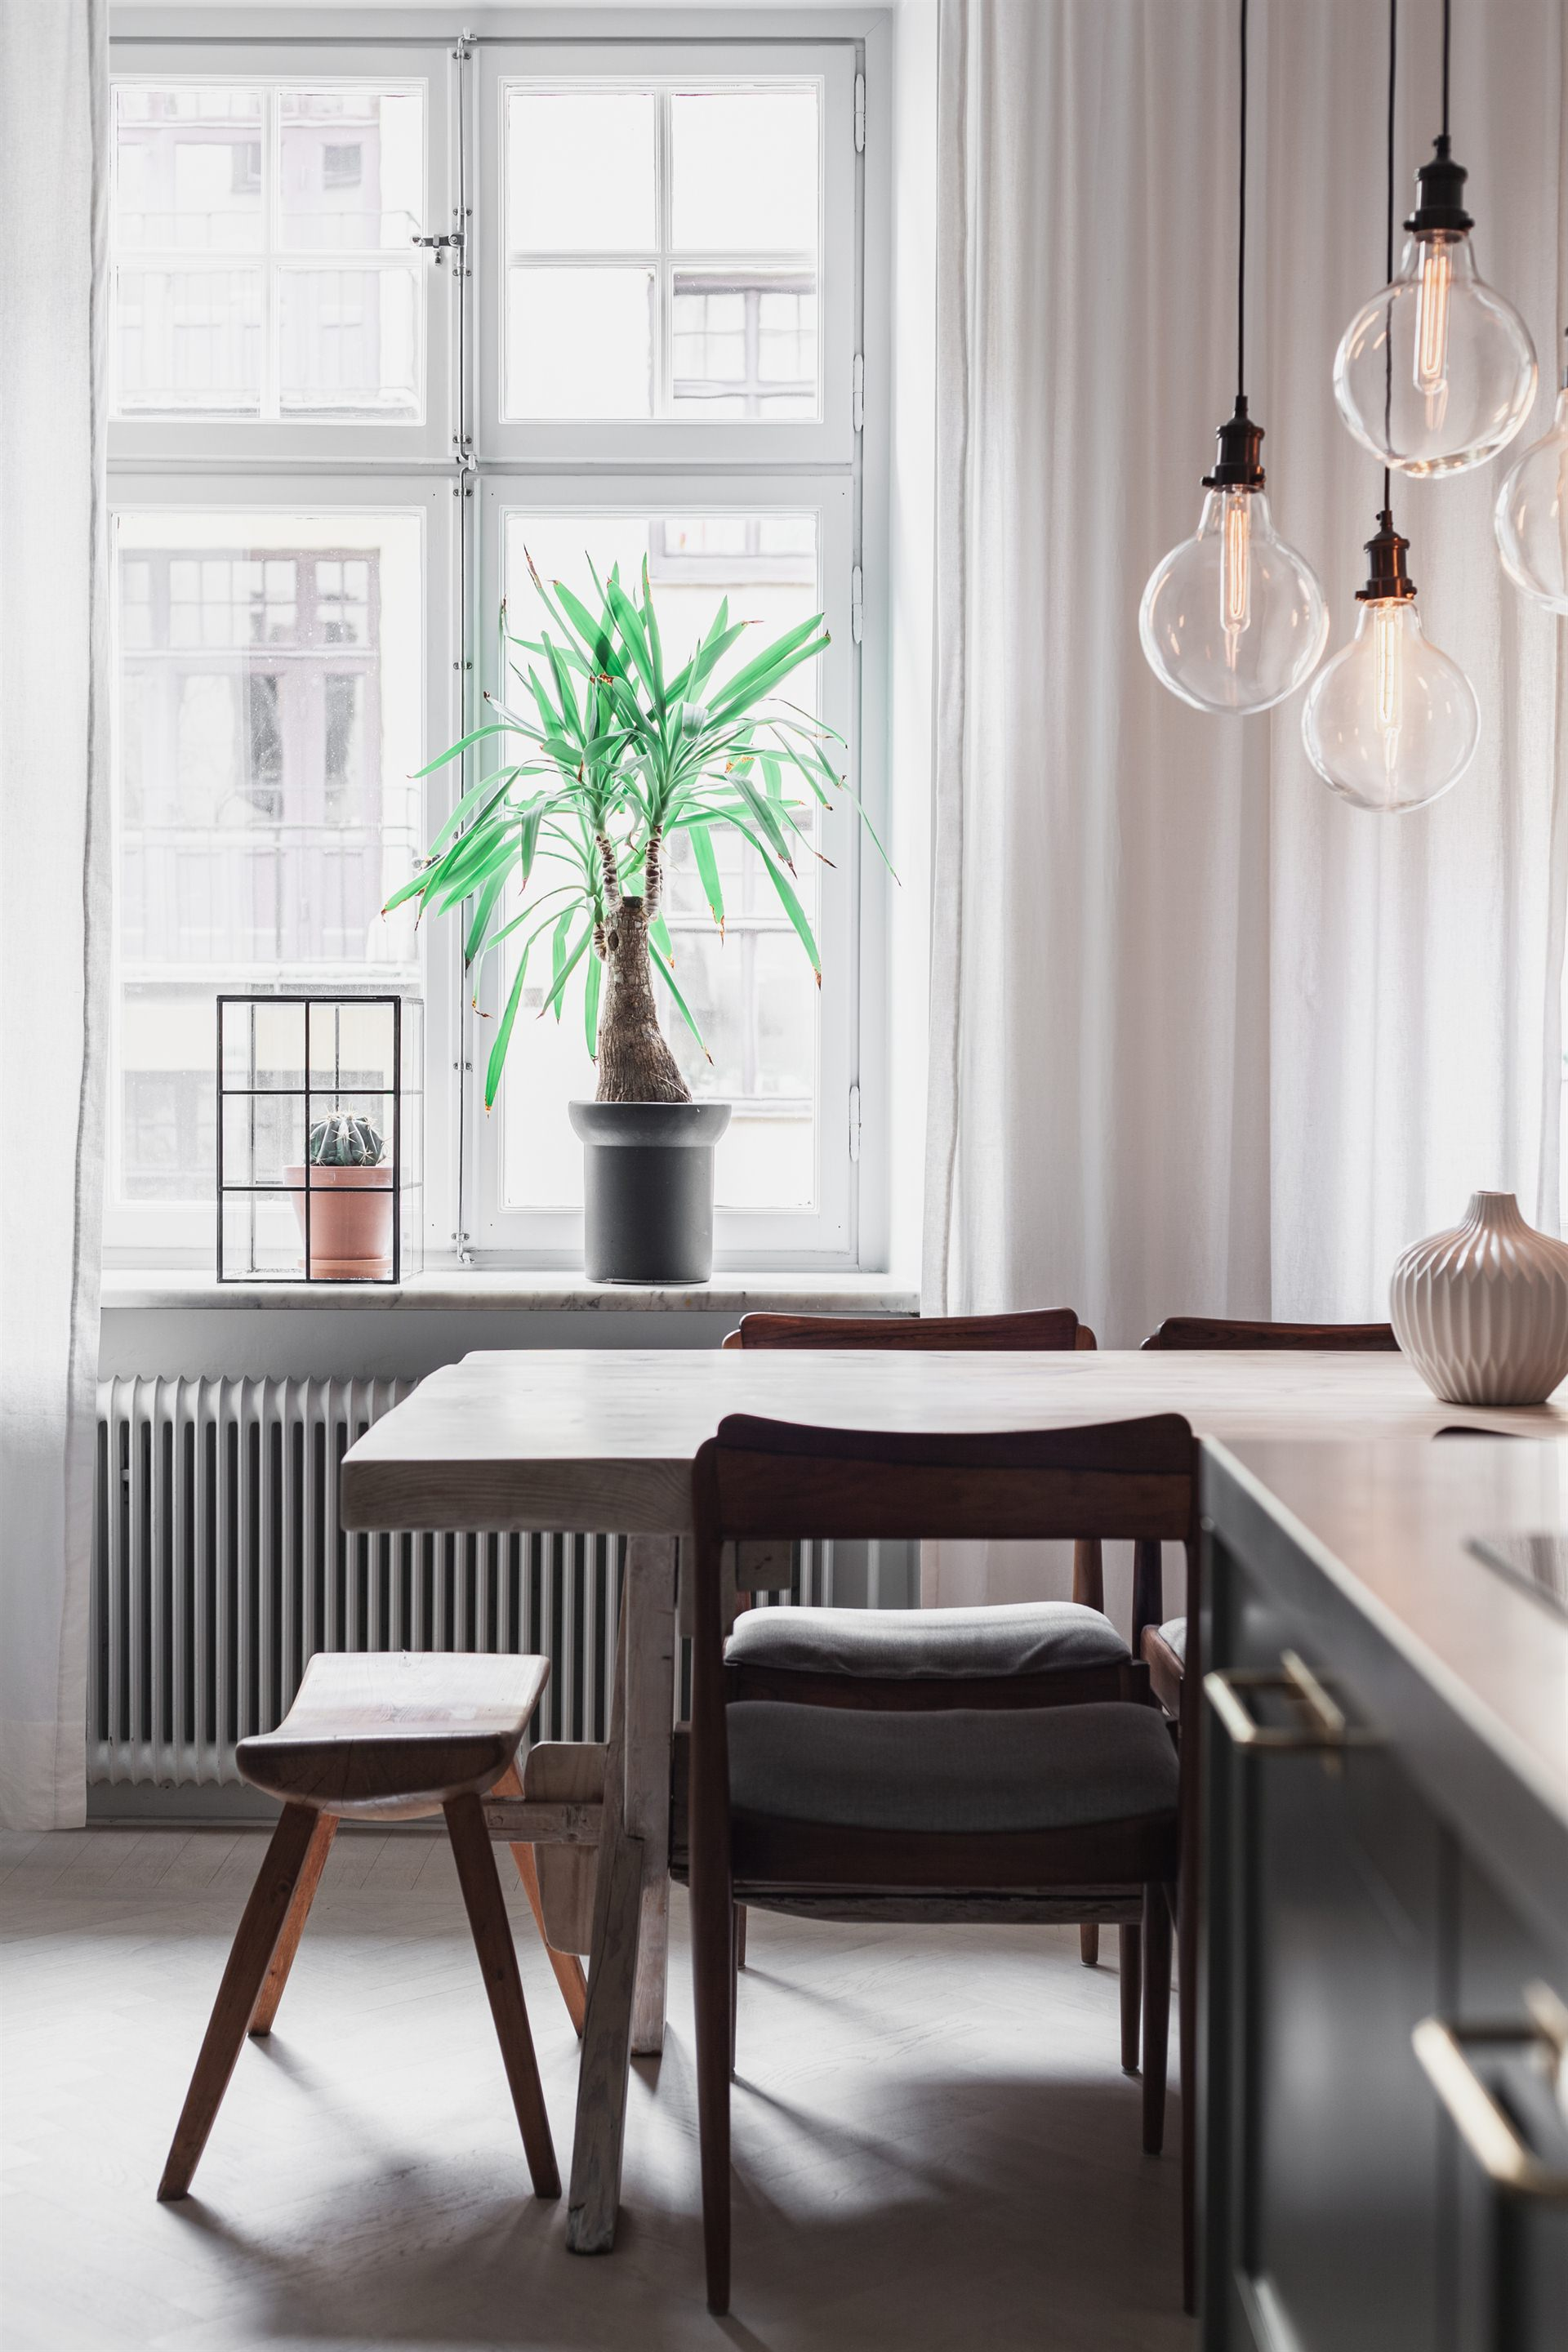 квартира 67 квм кухонный остров стол окно